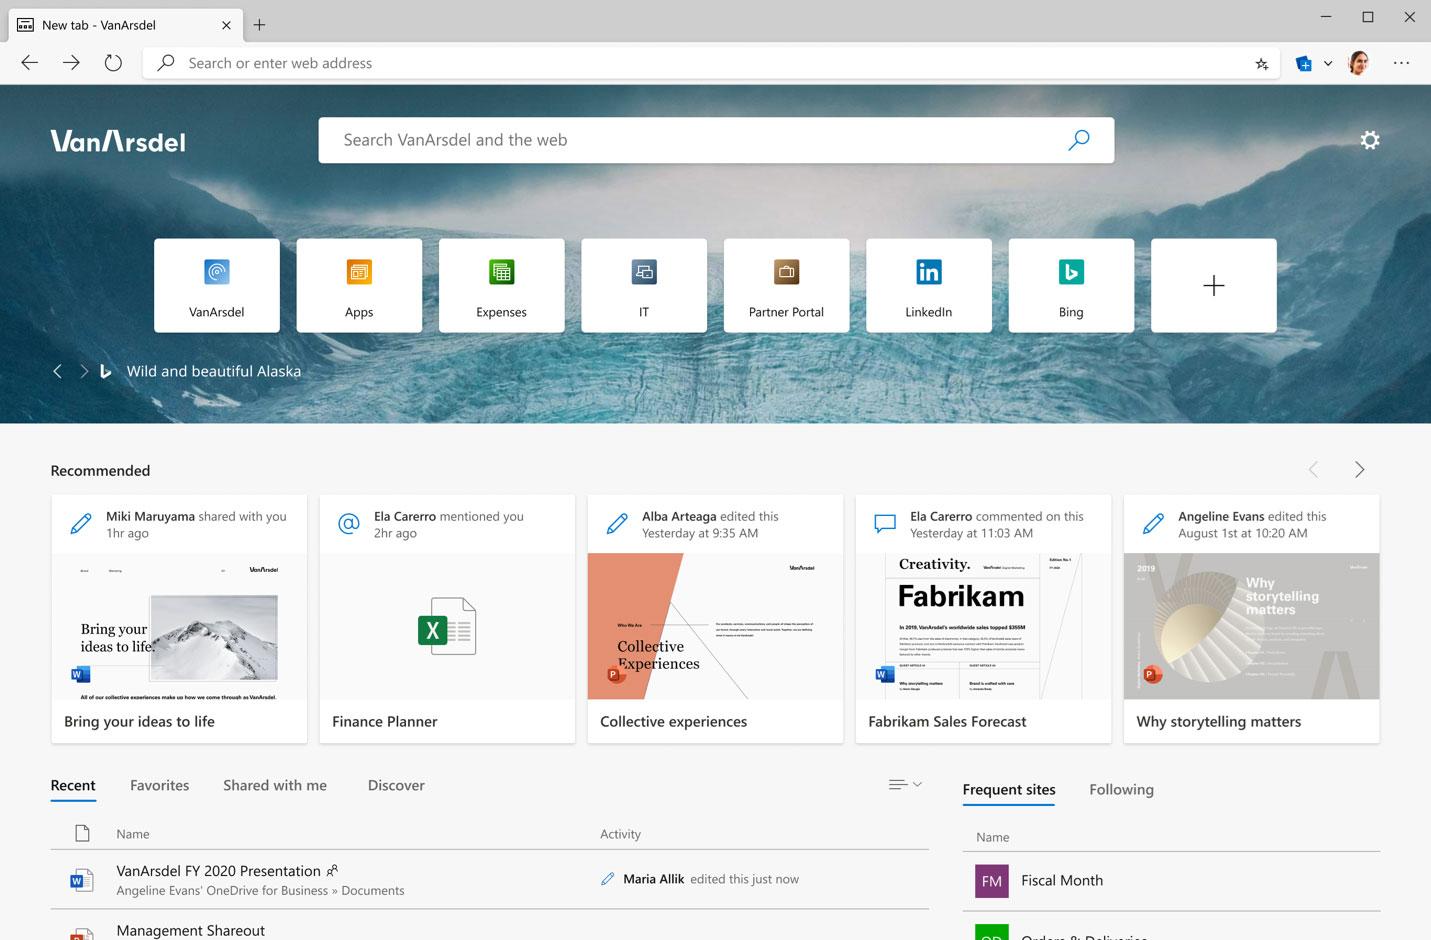 Новый год, новый браузер: Microsoft Edge вышел из стадии предварительной оценки и теперь доступен для загрузки - 2